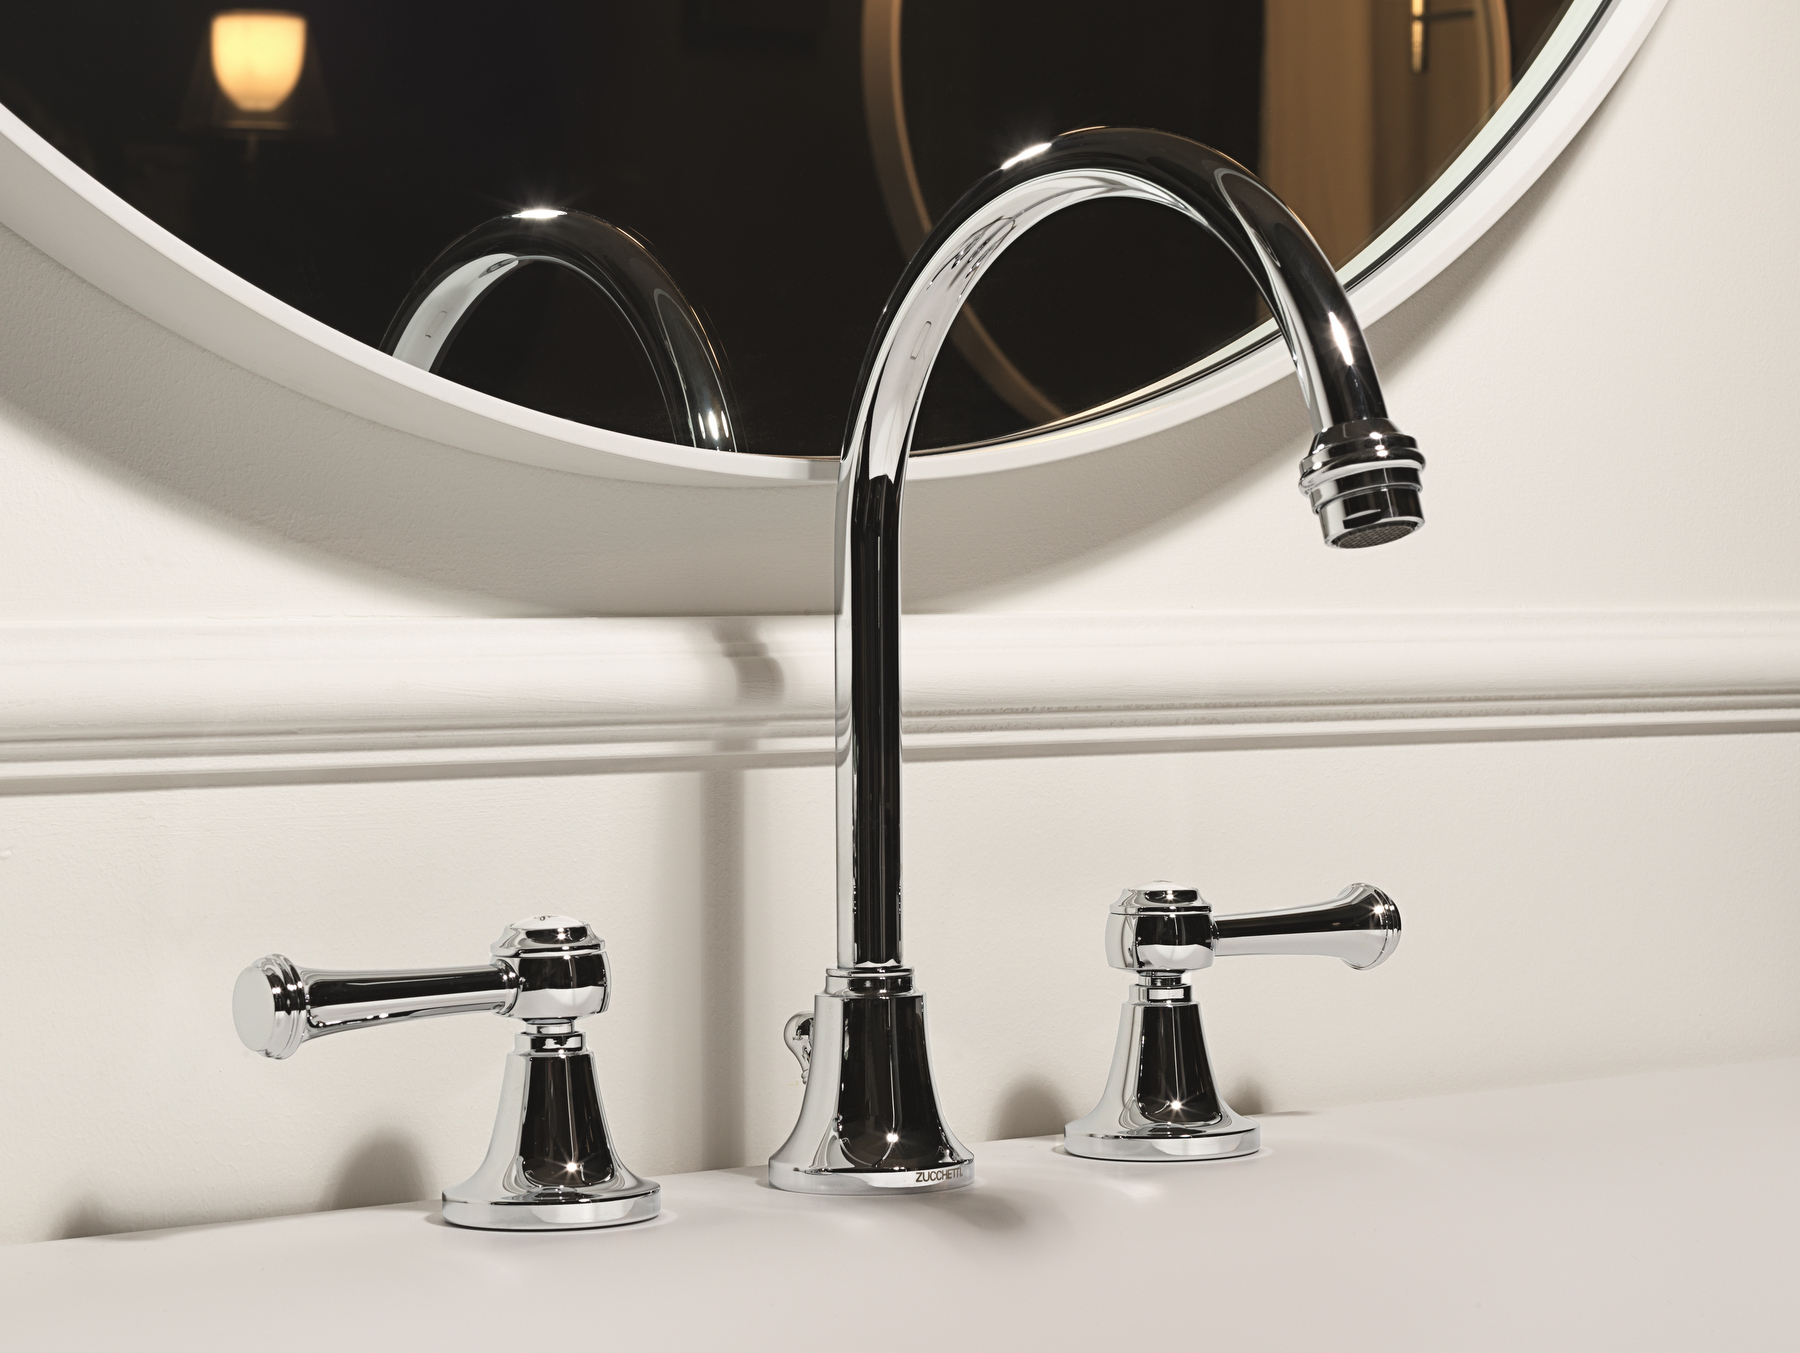 AGORÀ CLASSIC Rubinetto per lavabo cromo by ZUCCHETTI design Ludovica+Roberto Palomba